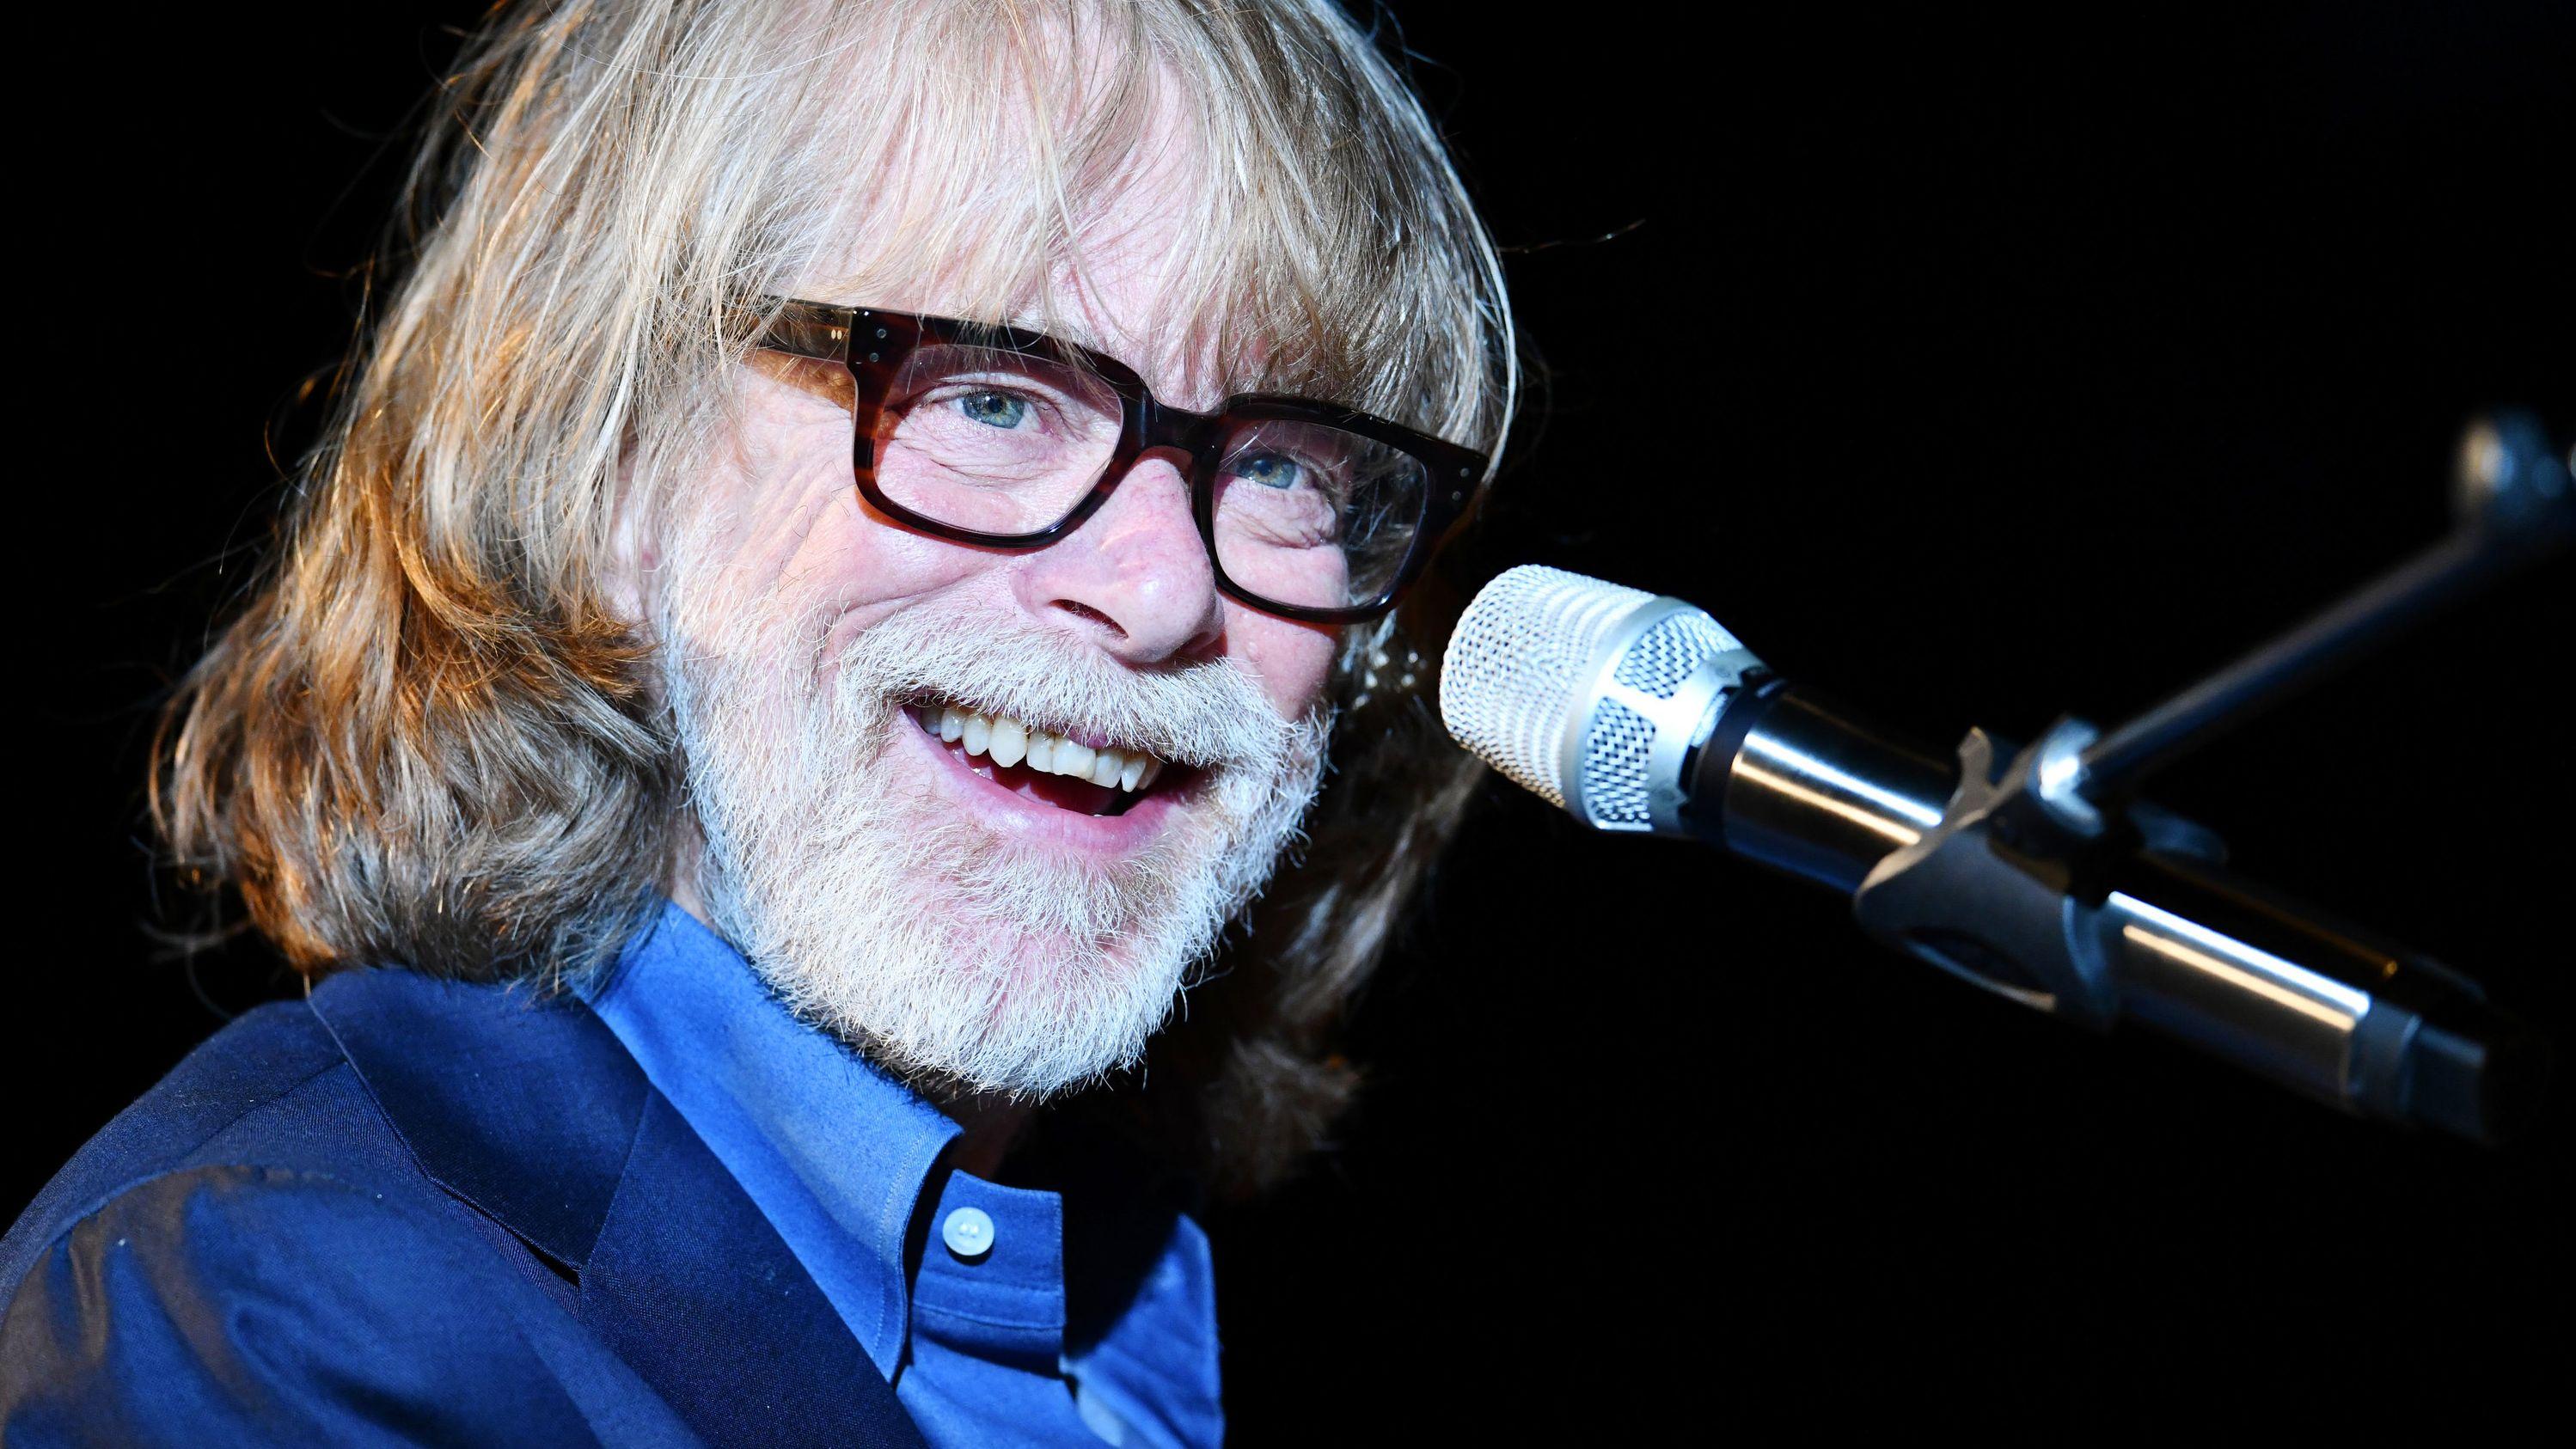 Helge Schneider lachend und mit Brille am Mikrofon bei einem Konzert in Heidelberg